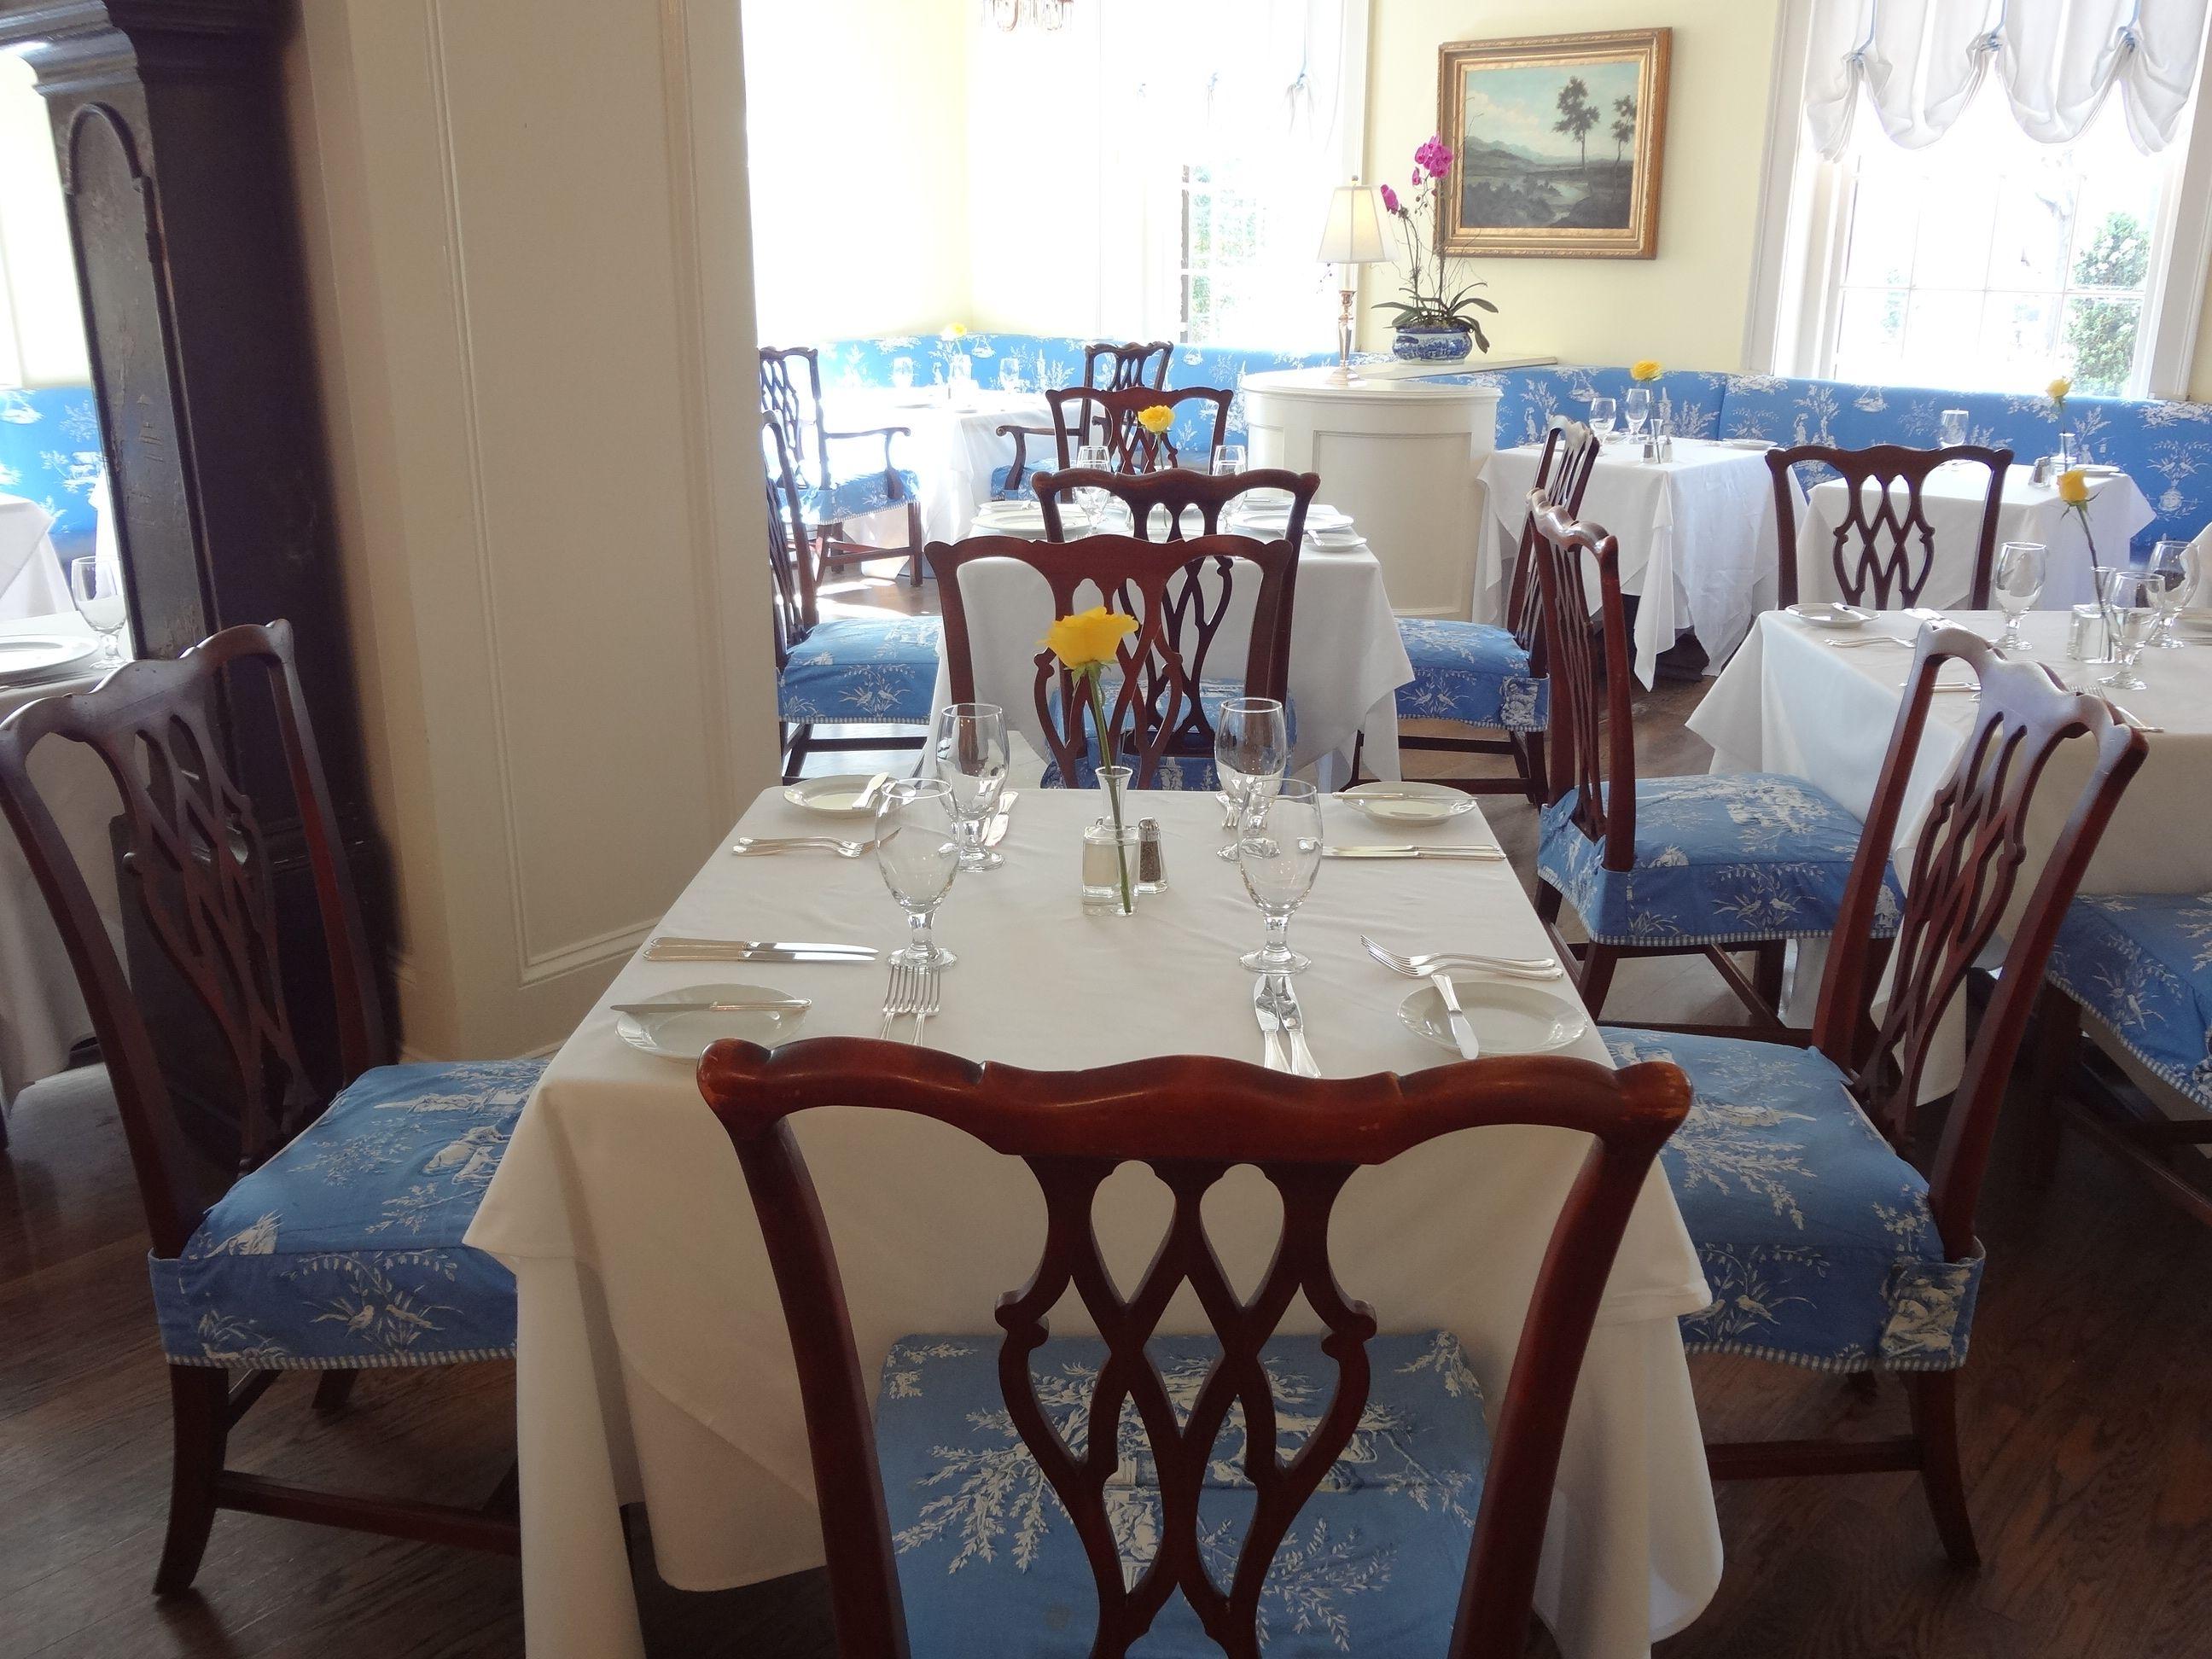 Furniture stores in chapel hill nc - Historic Carolina Crossroads Restaurant Chapel Hill North Carolina